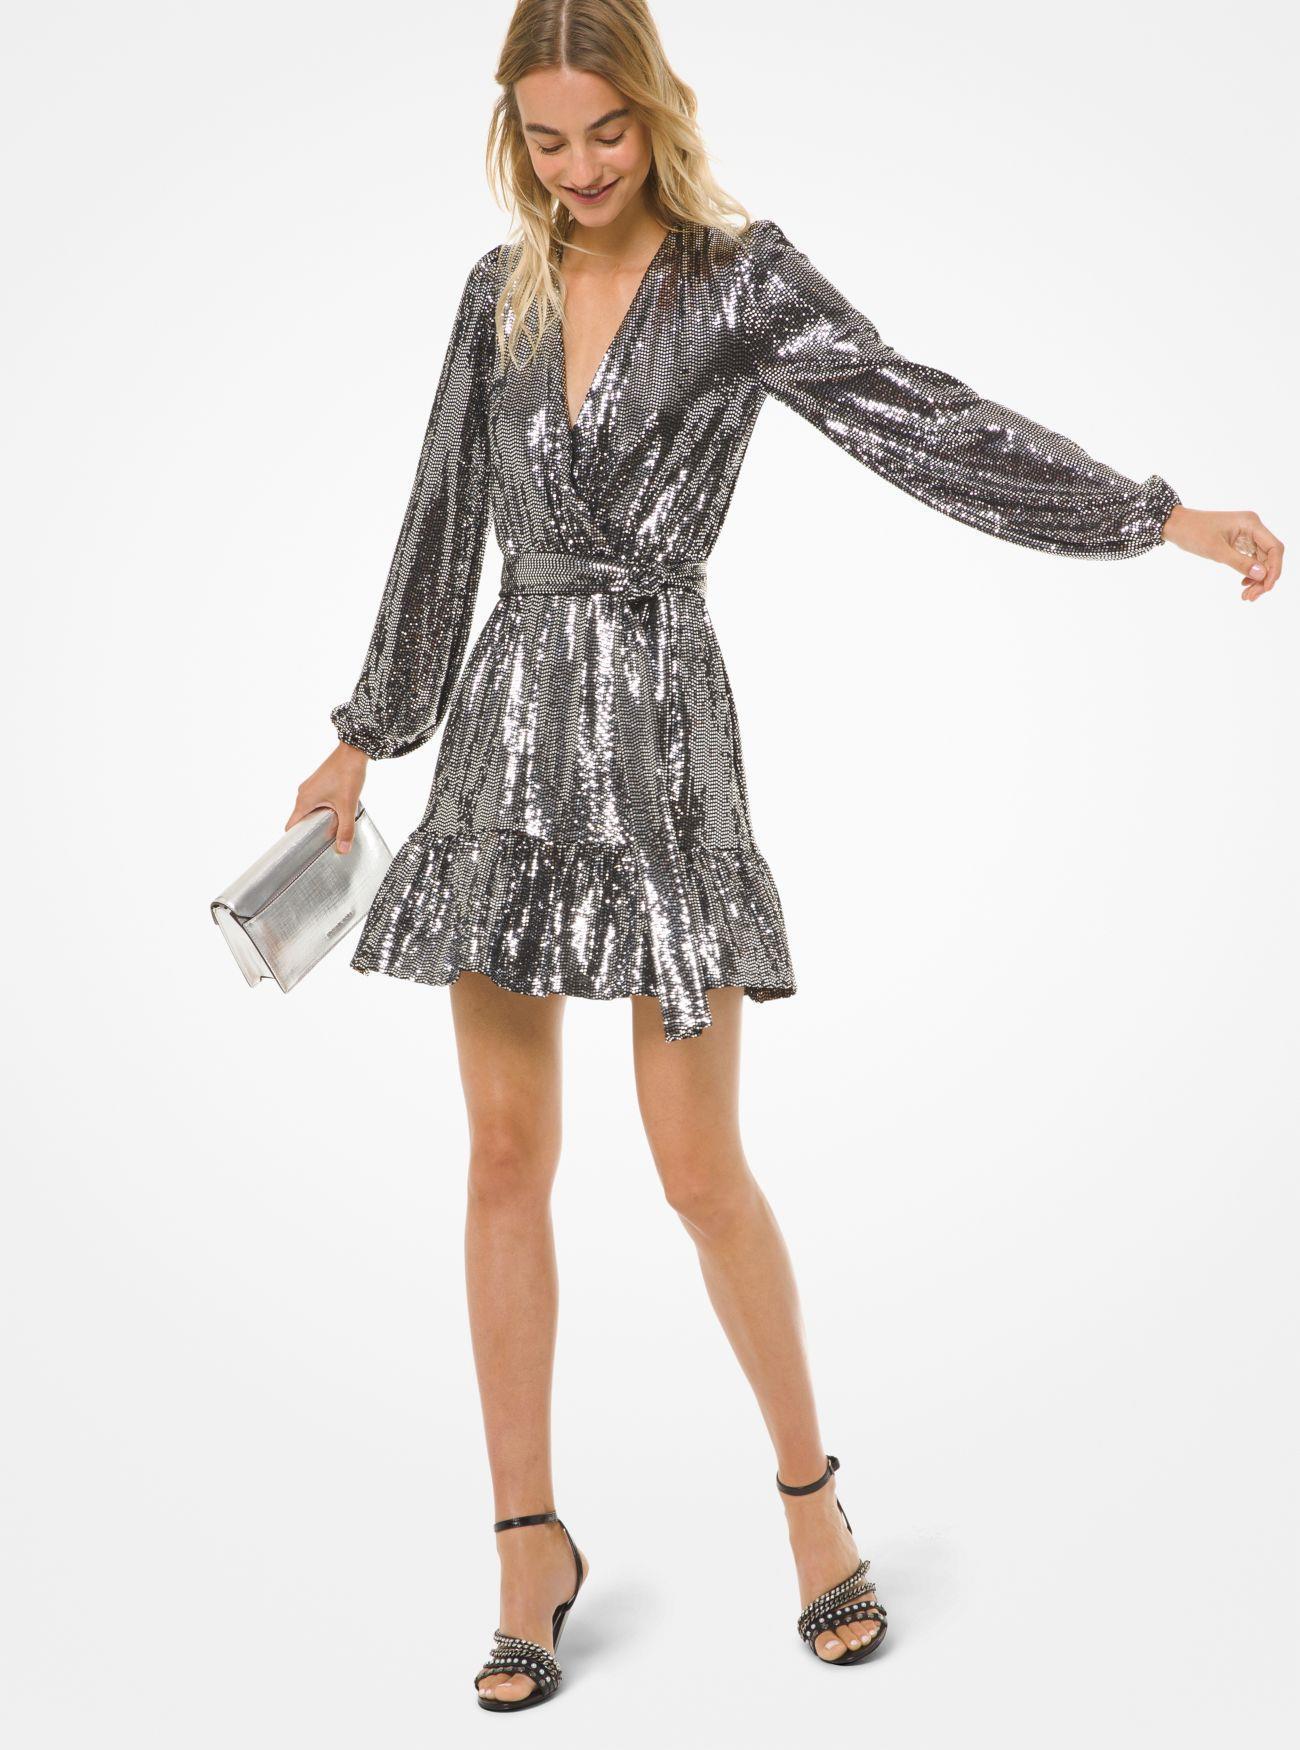 Vestidos Para Bodas De Invierno 2020 14 Looks Para Ser La